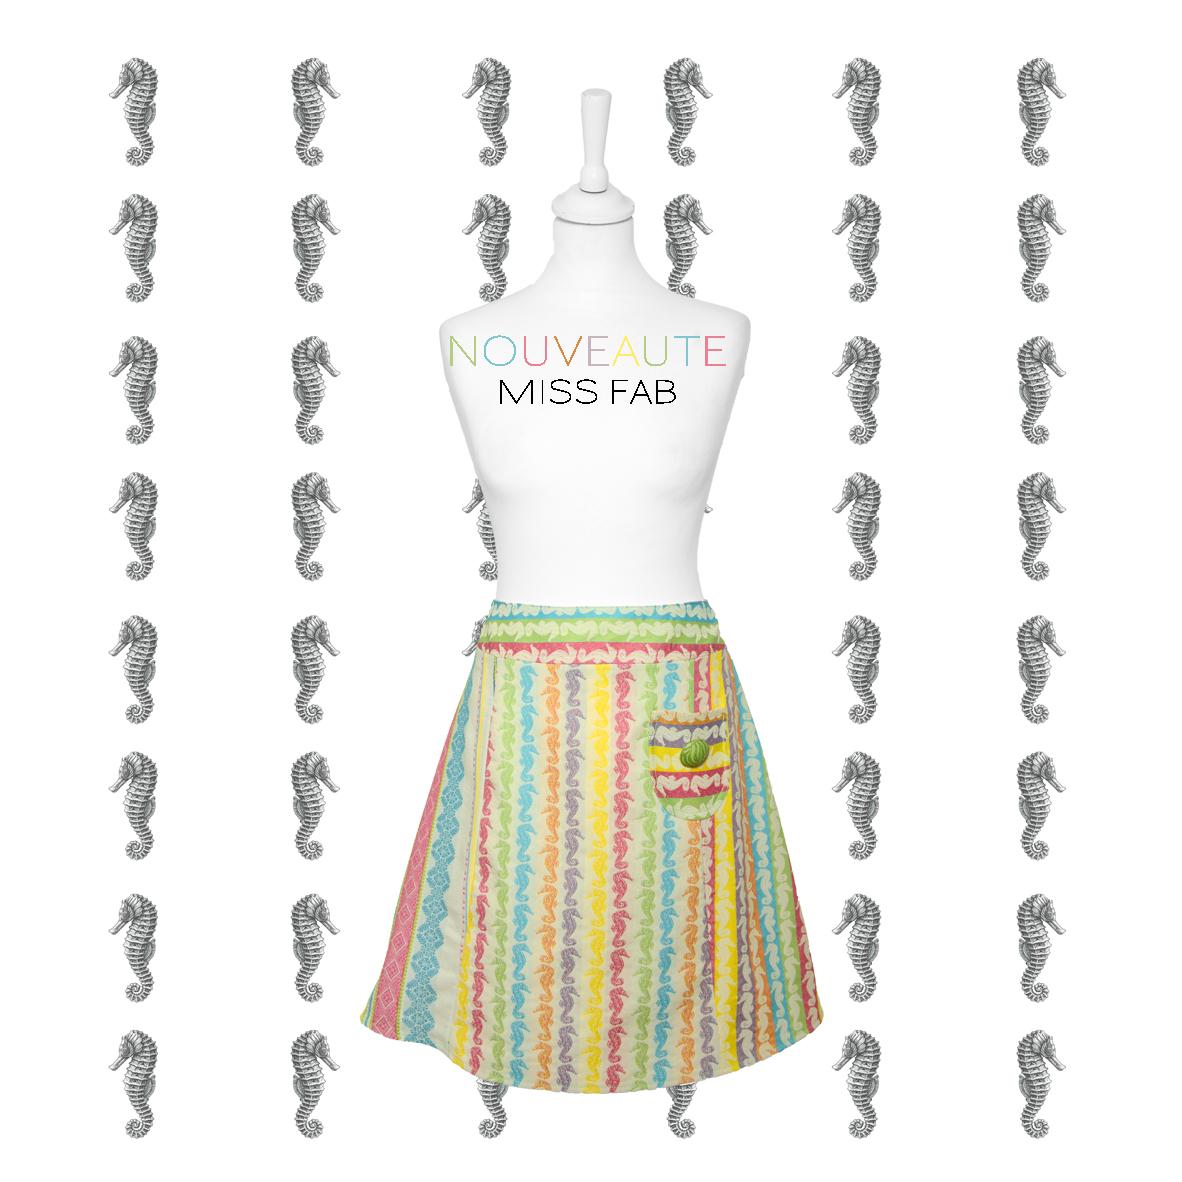 Nouveau - la jupe personnalisable - Miss Fab - Fabienne Dimanov Paris